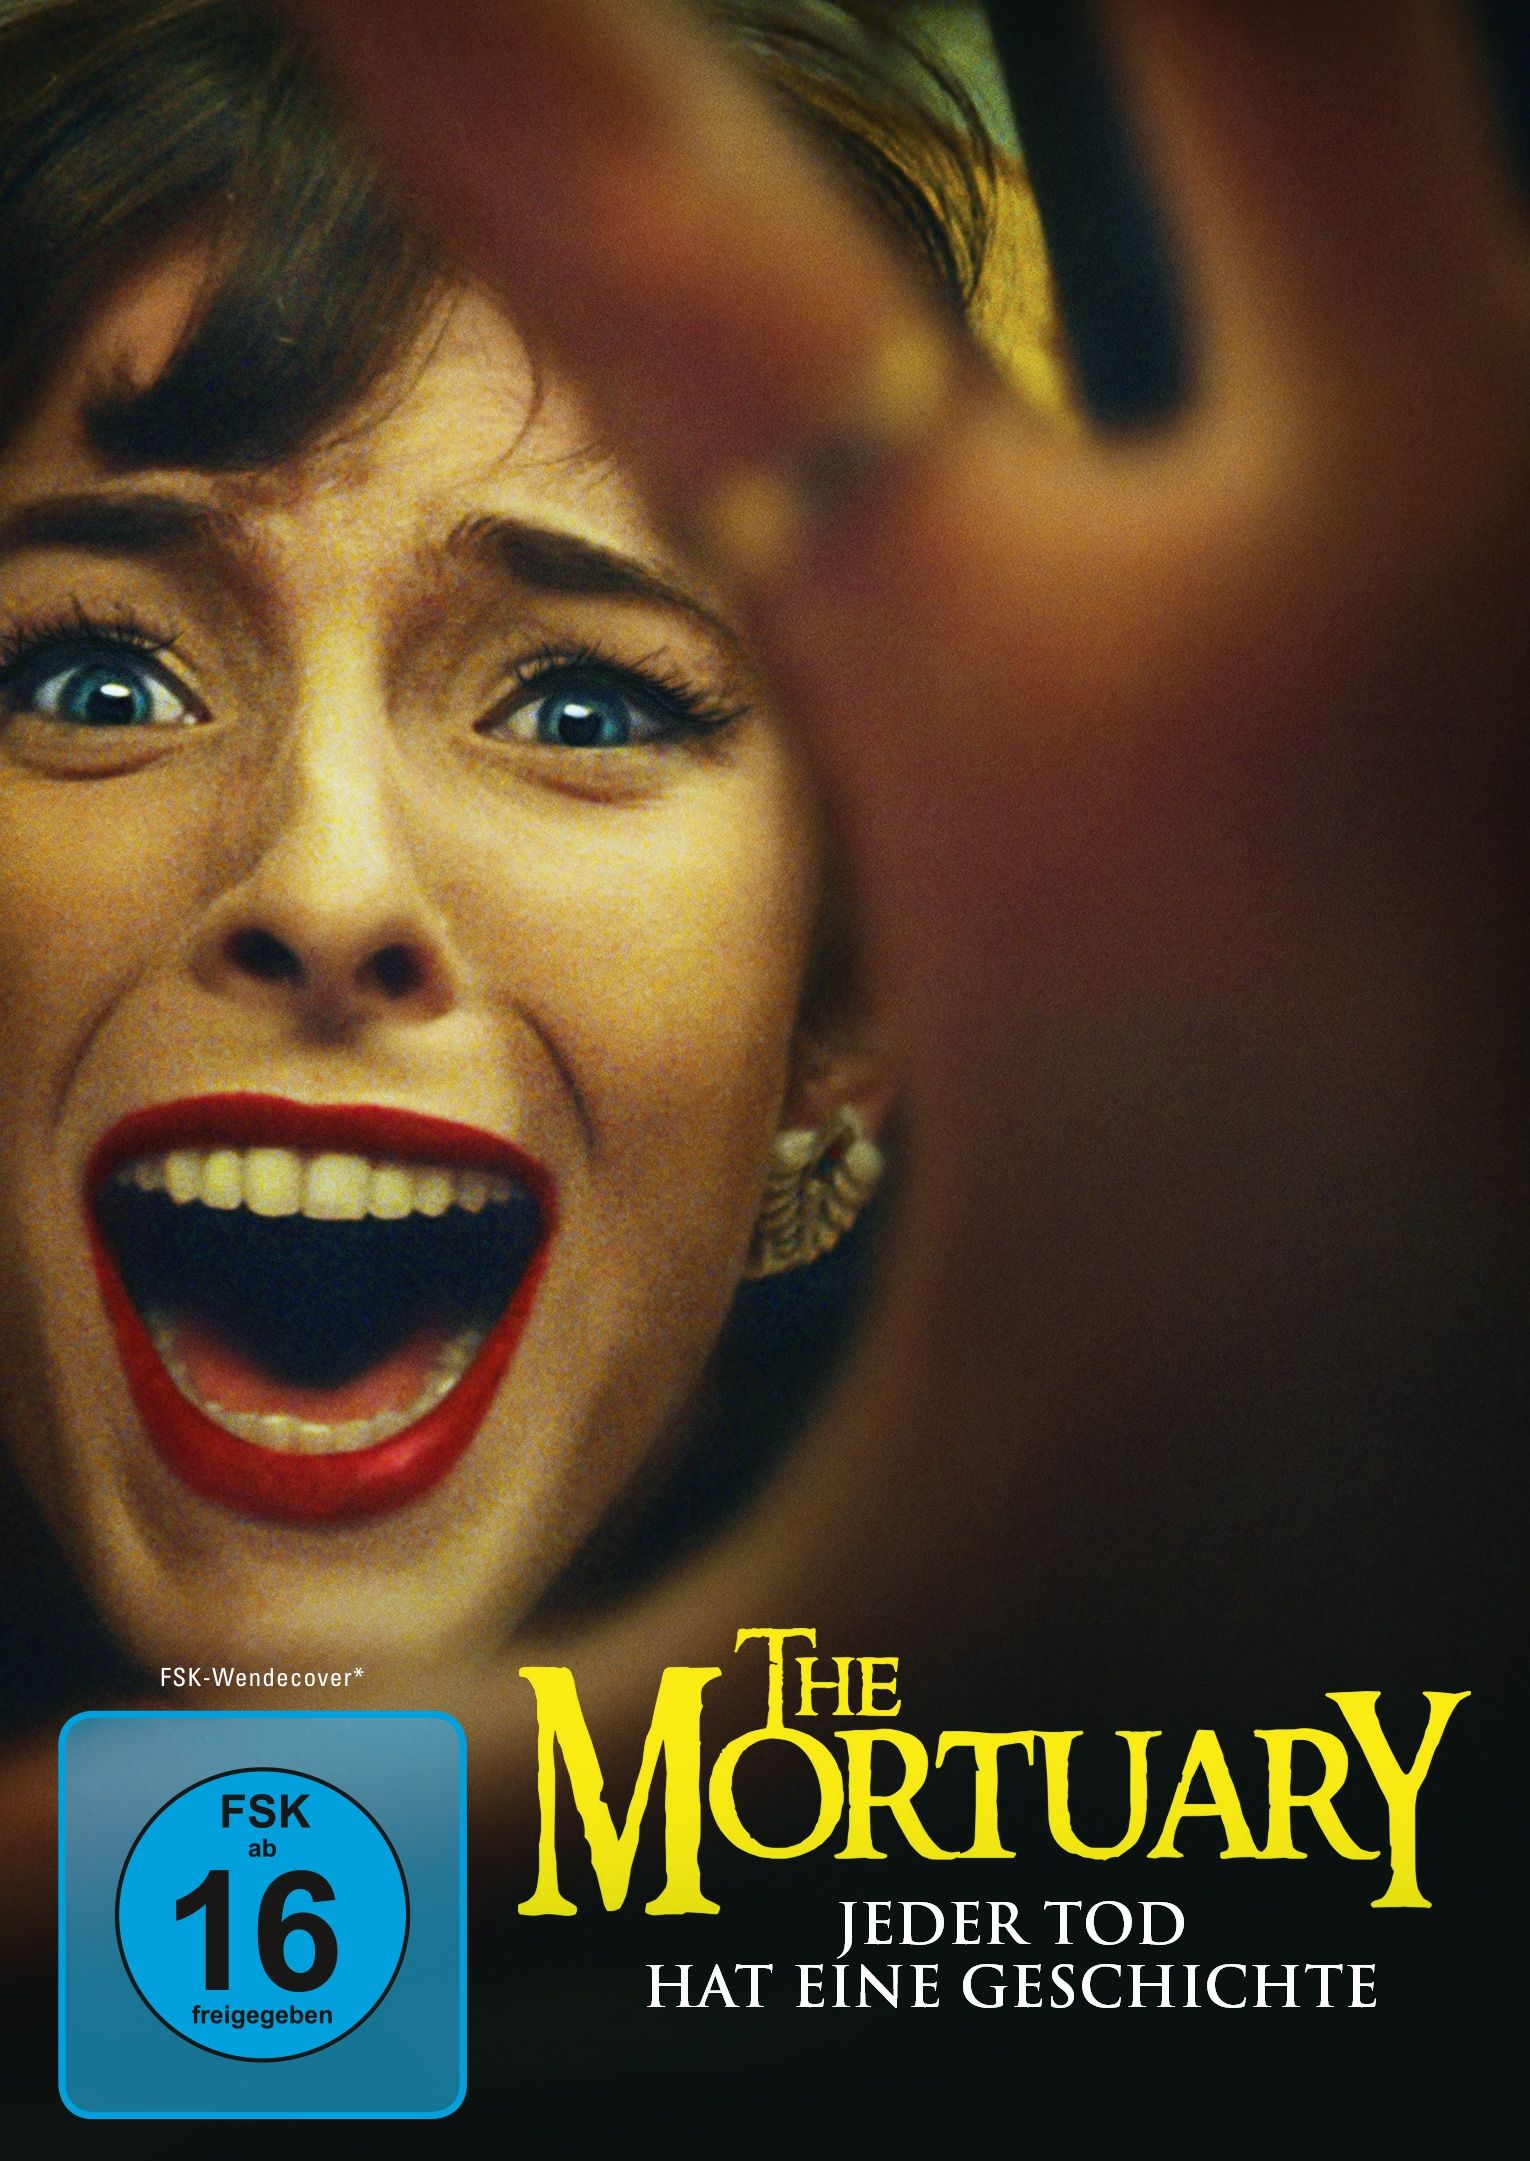 Mortuary, The - Jeder Tod hat eine Geschichte